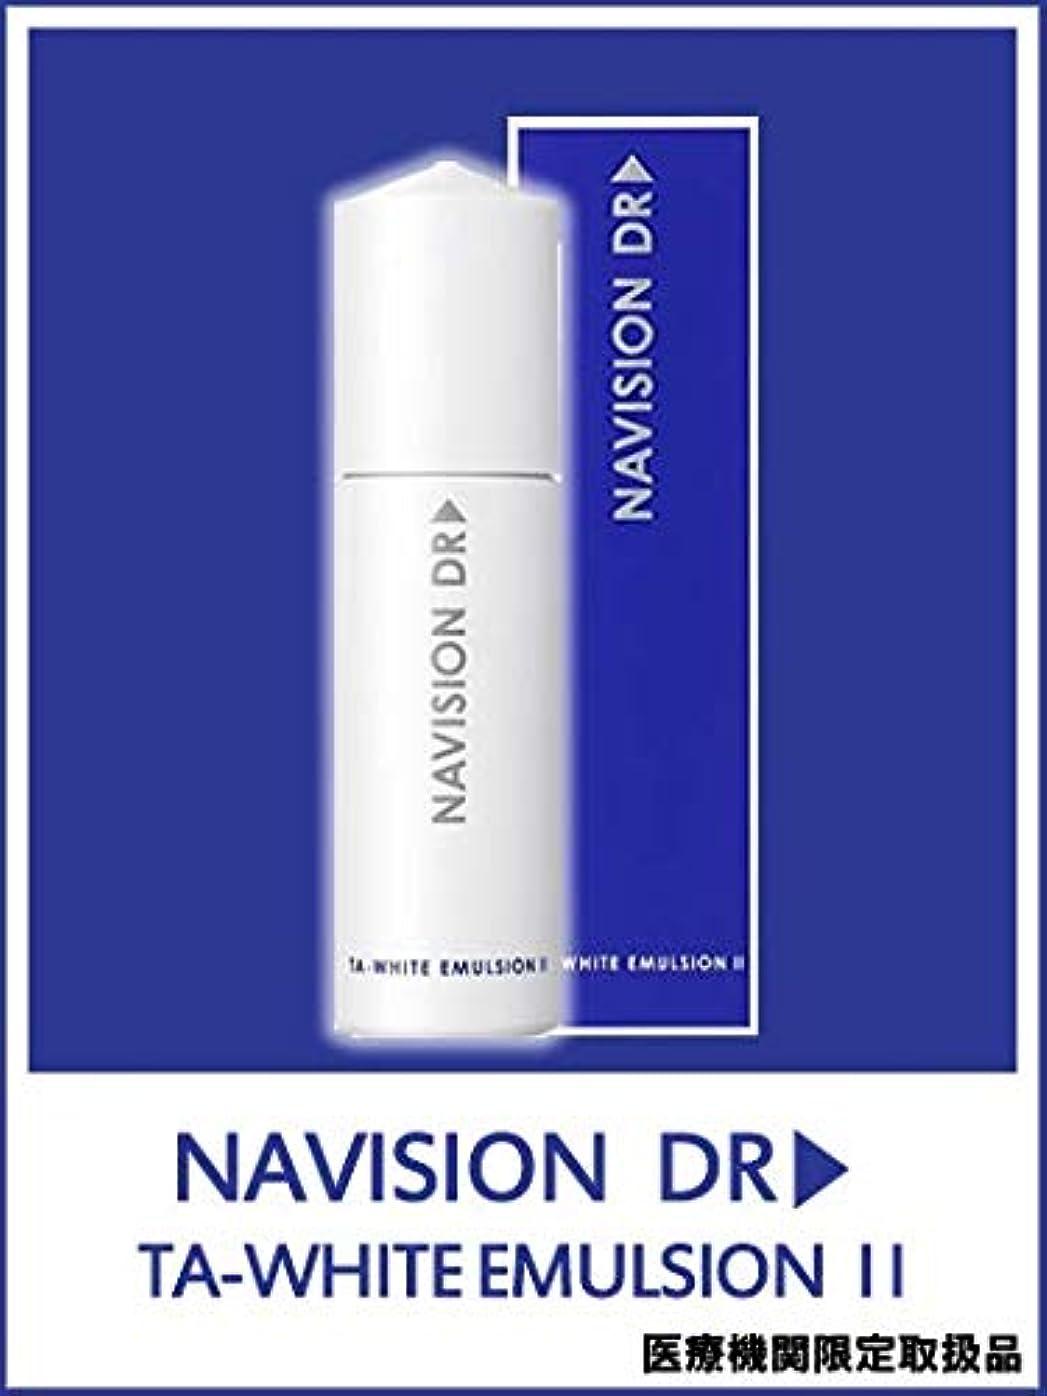 排除する信じられない困惑NAVISION DR? ナビジョンDR TAホワイトエマルジョンⅡnしっとりうるおうタイプ(医薬部外品) 120mL